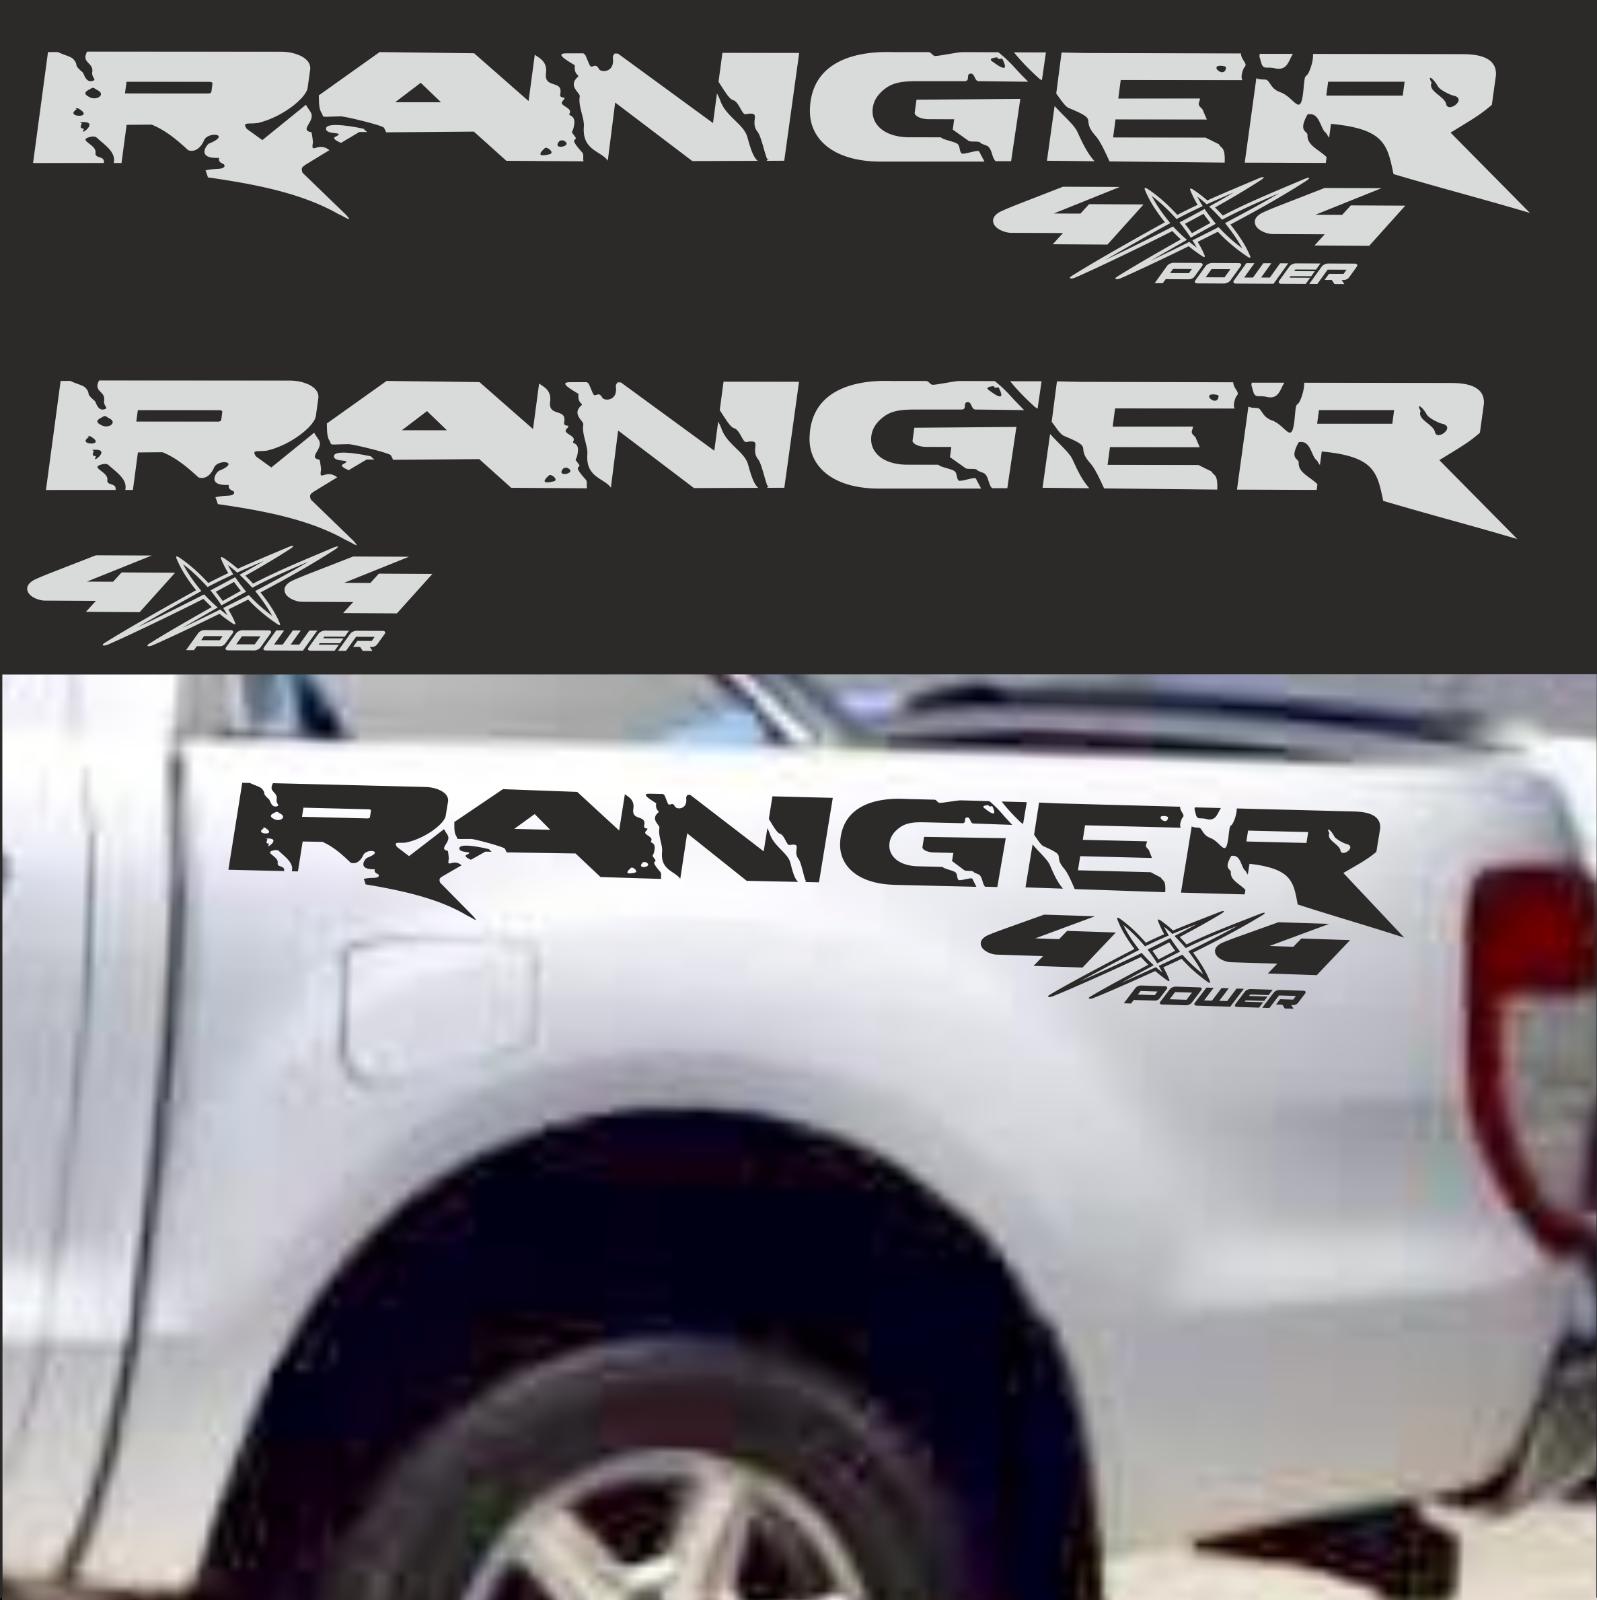 4x4 Passt Für Ford Ranger 4x4 Aufkleber Sticker 4 X 4 Offrod Off Road 4 X 4 Jeep